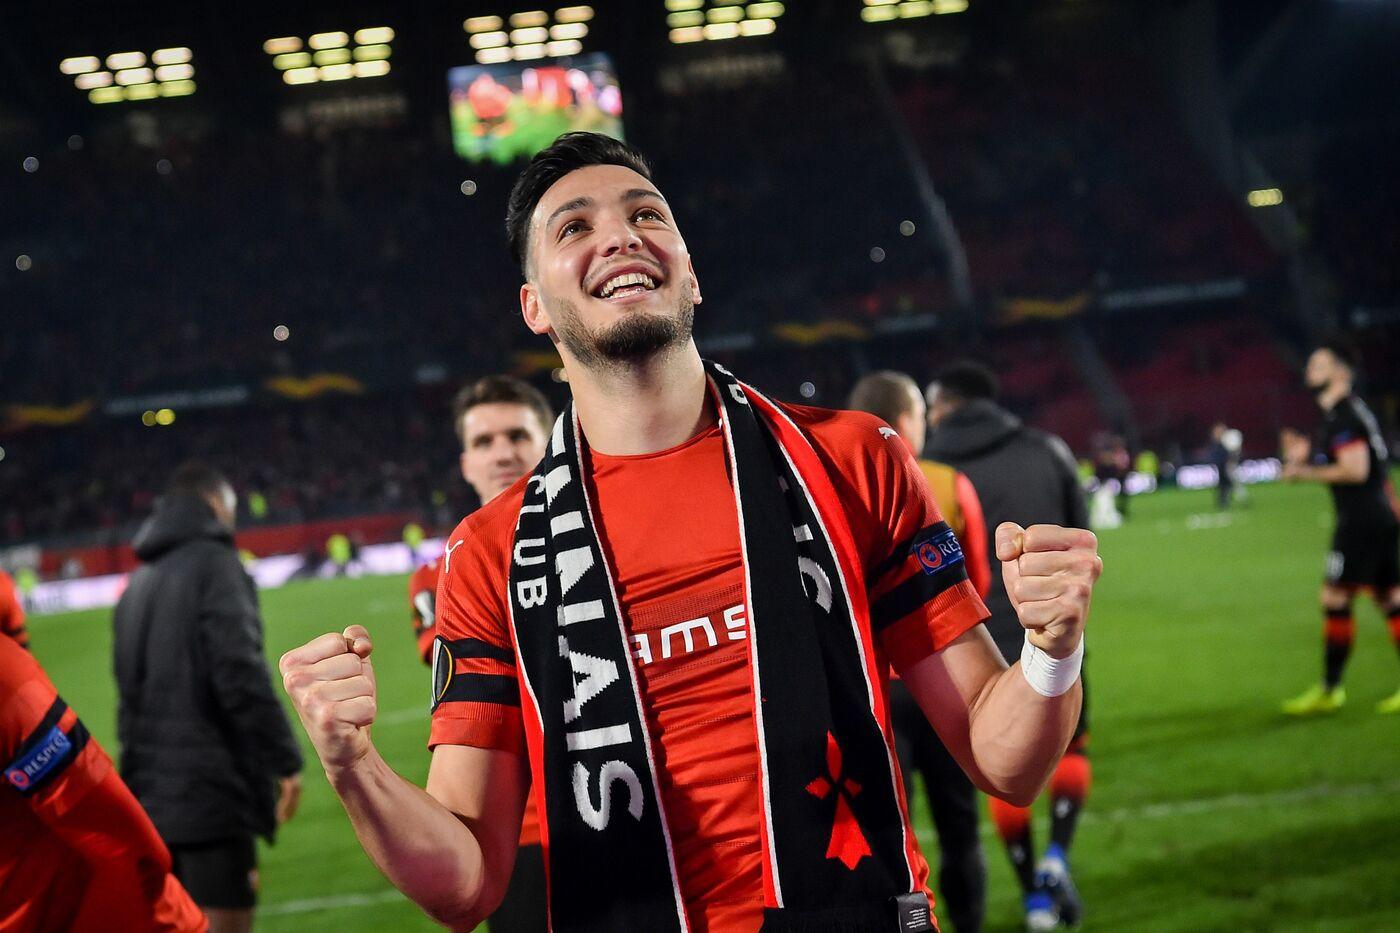 Ligue 1, Strasburgo-Rennes 18 maggio: analisi e pronostico della giornata della massima divisione calcistica francese